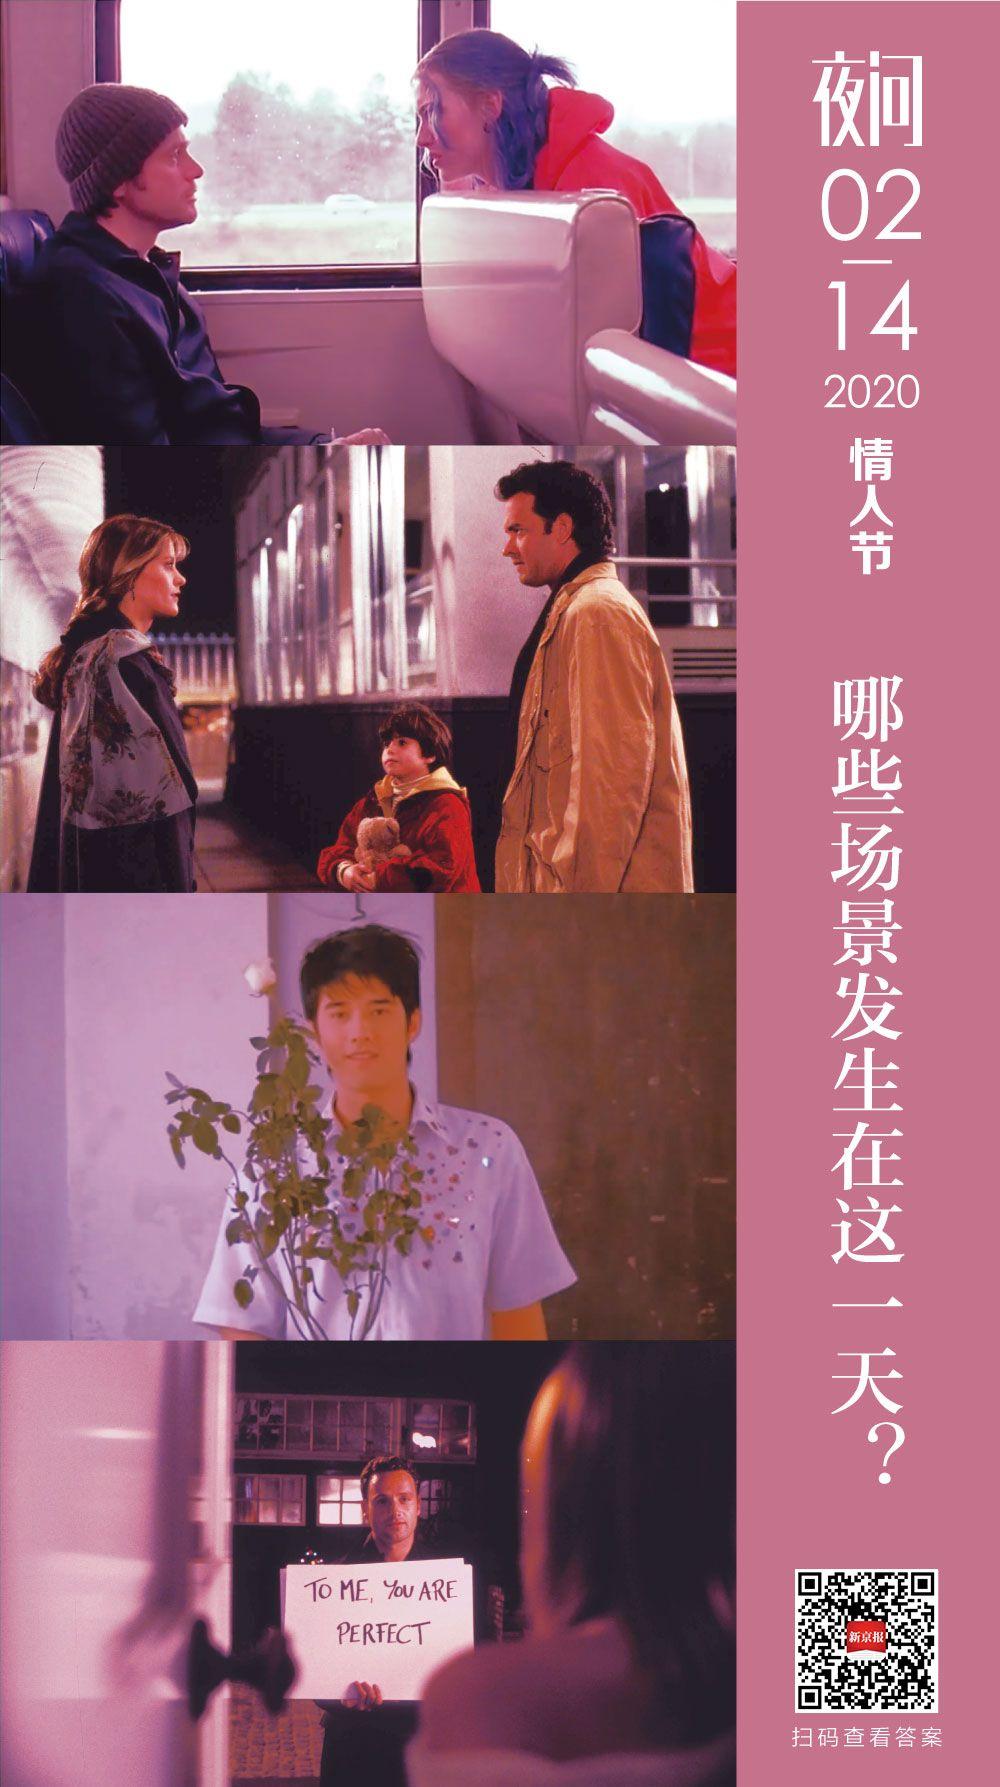 2月14日,浪漫的人约你看一场电影 | 夜问图片